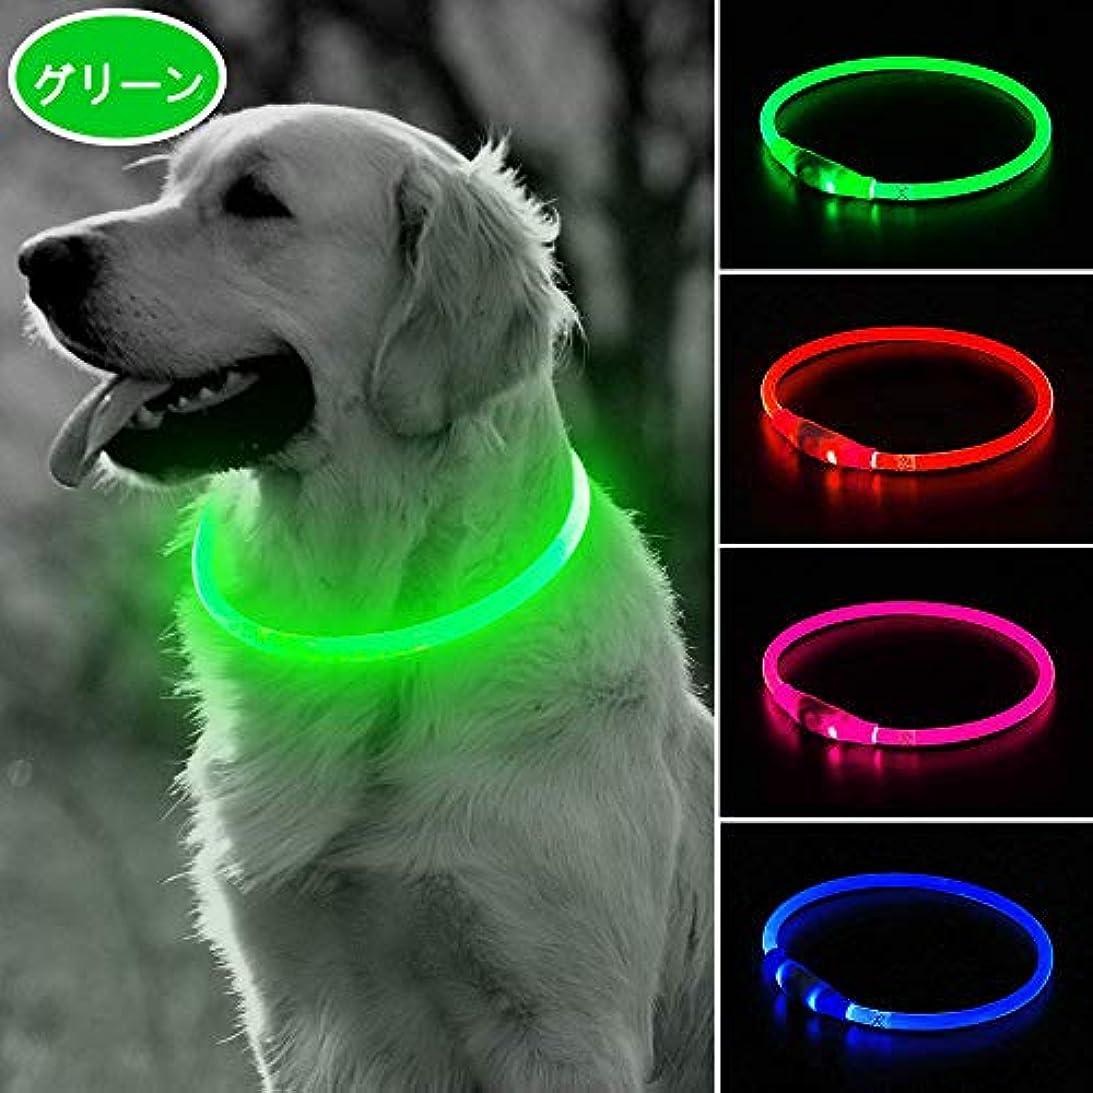 名誉あるきれいにライドLED光る首輪,交換可能なバッテリーで駆動 [500m先から目視可能] ペット 夜間 安全性 [3種類のライトモードを搭載] 防水 スモール ミディアム ラージ [複数色ご用意]